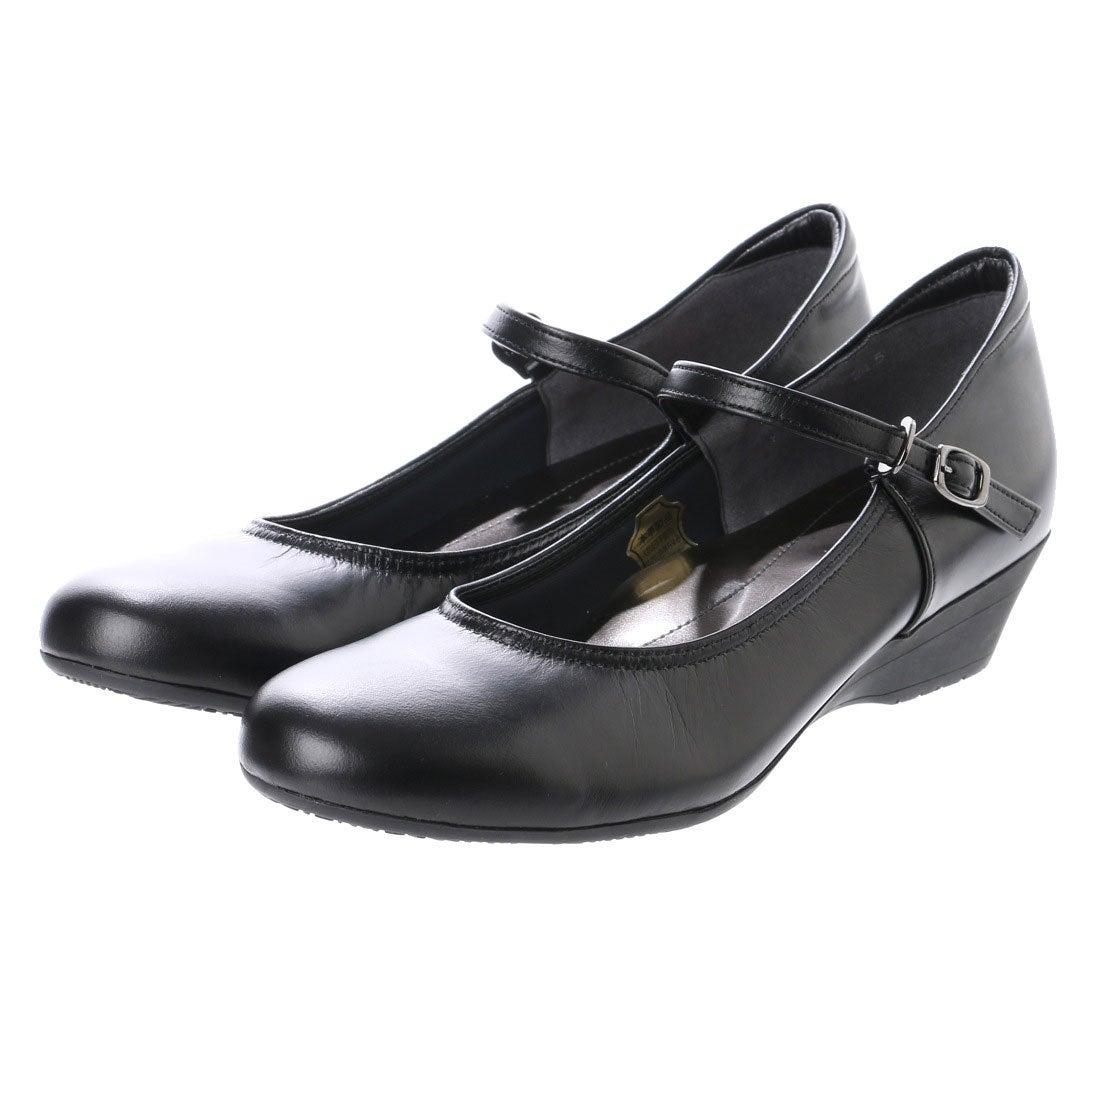 リミテッド エディション LIMITED EDITION パンプス (クロ) ,靴とファッションの通販サイト ロコンド